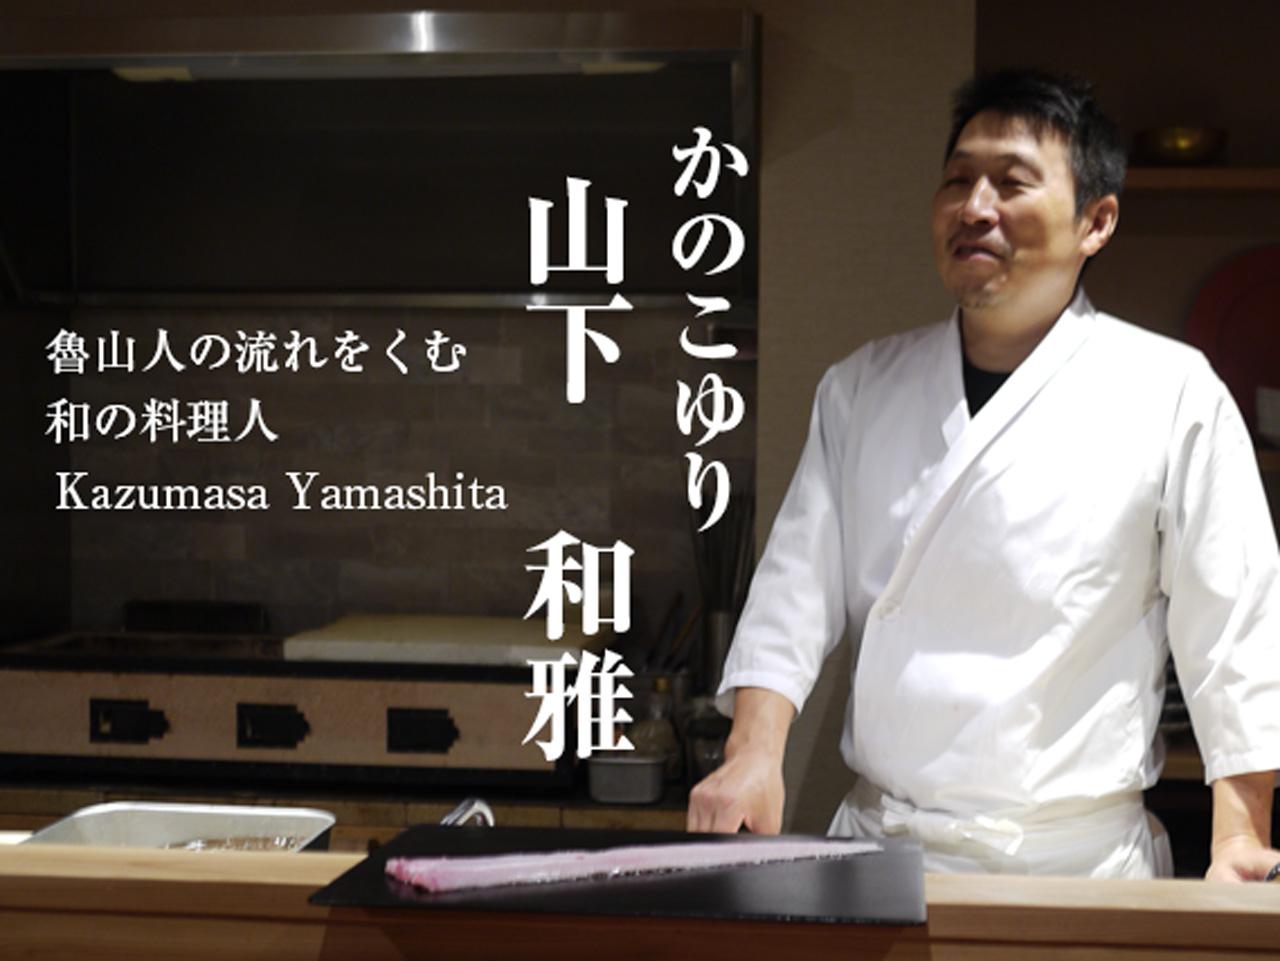 魯山人の流れをくむ料理人